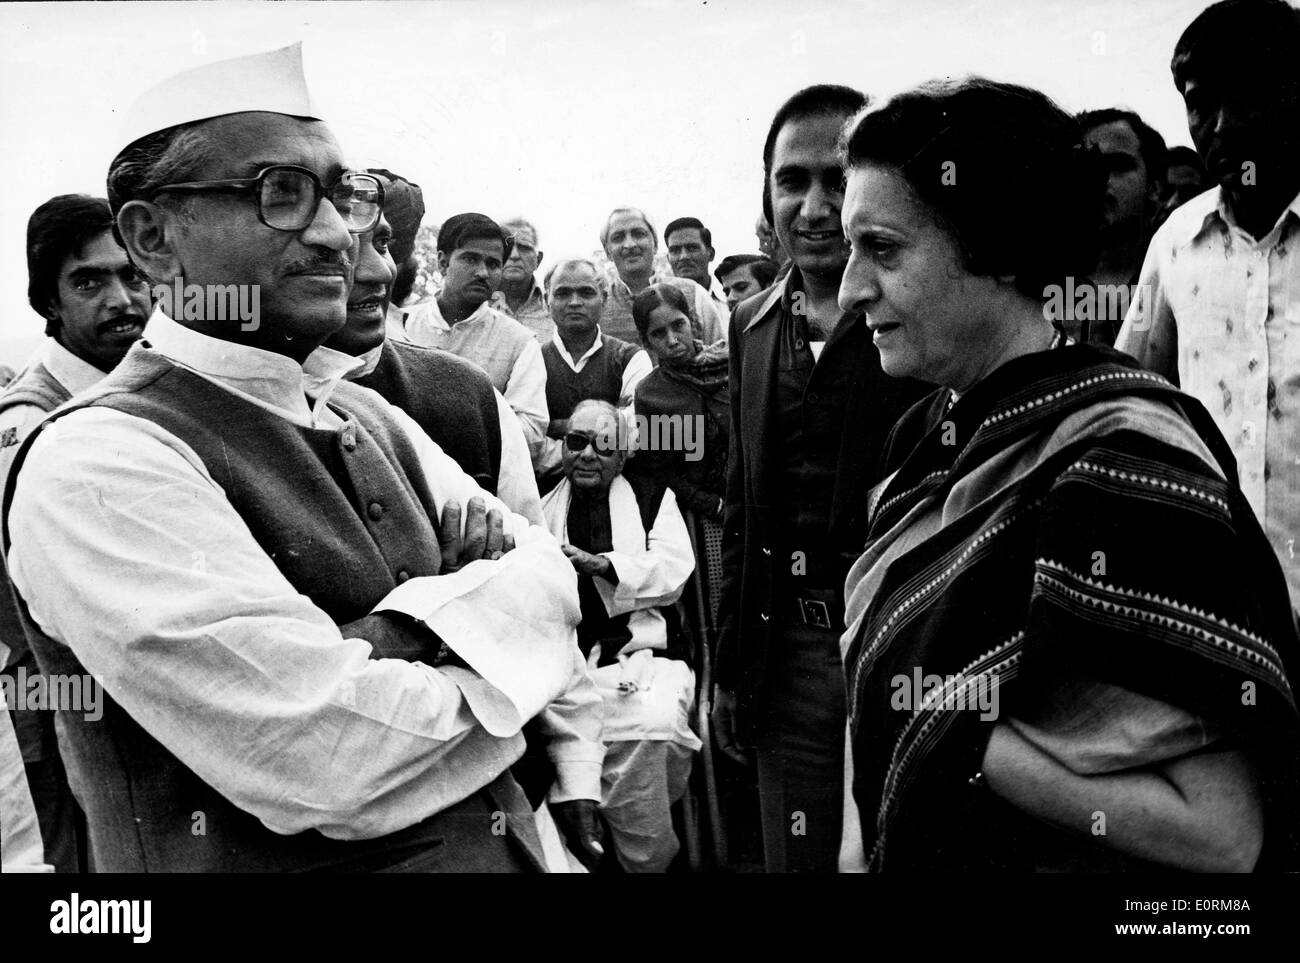 Jan. 01, 1960 - File Photo: circa 1960s-0970s, location unknown. MORARJI DESAI, left, and INDIRA GANDHI, right. - Stock Image